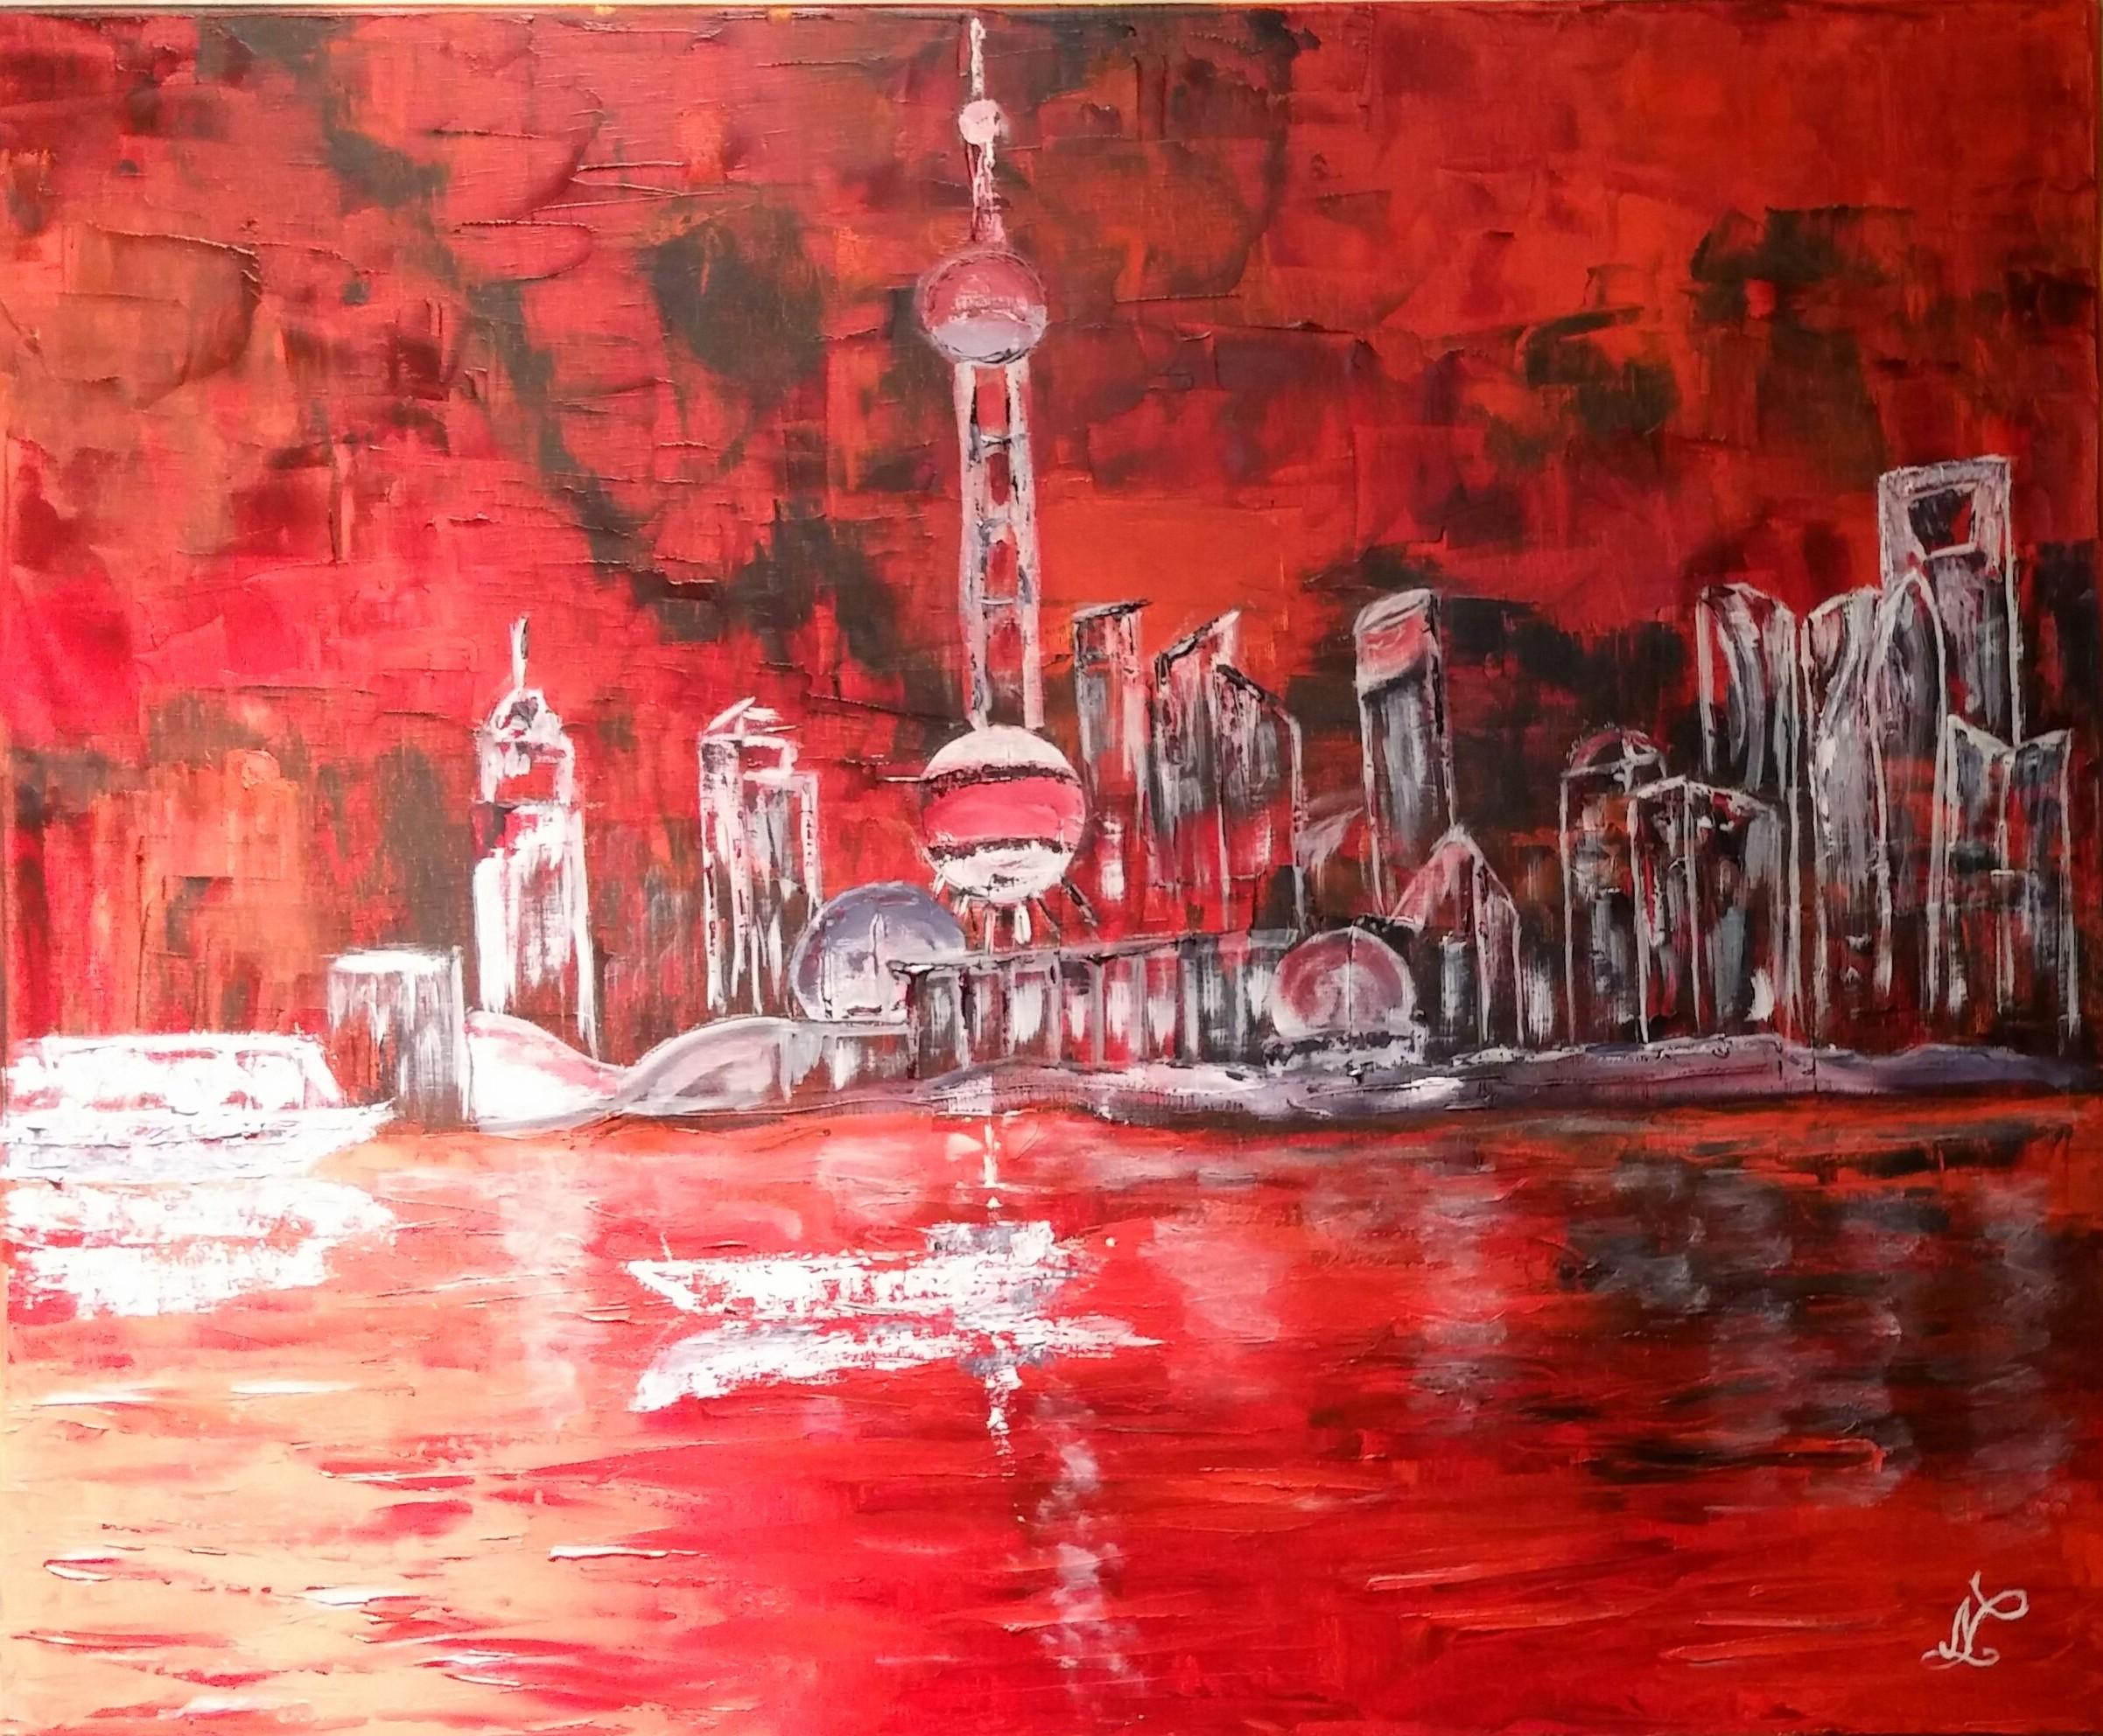 Norbert couleurs et lumi res - Le rouge et le blanc ...